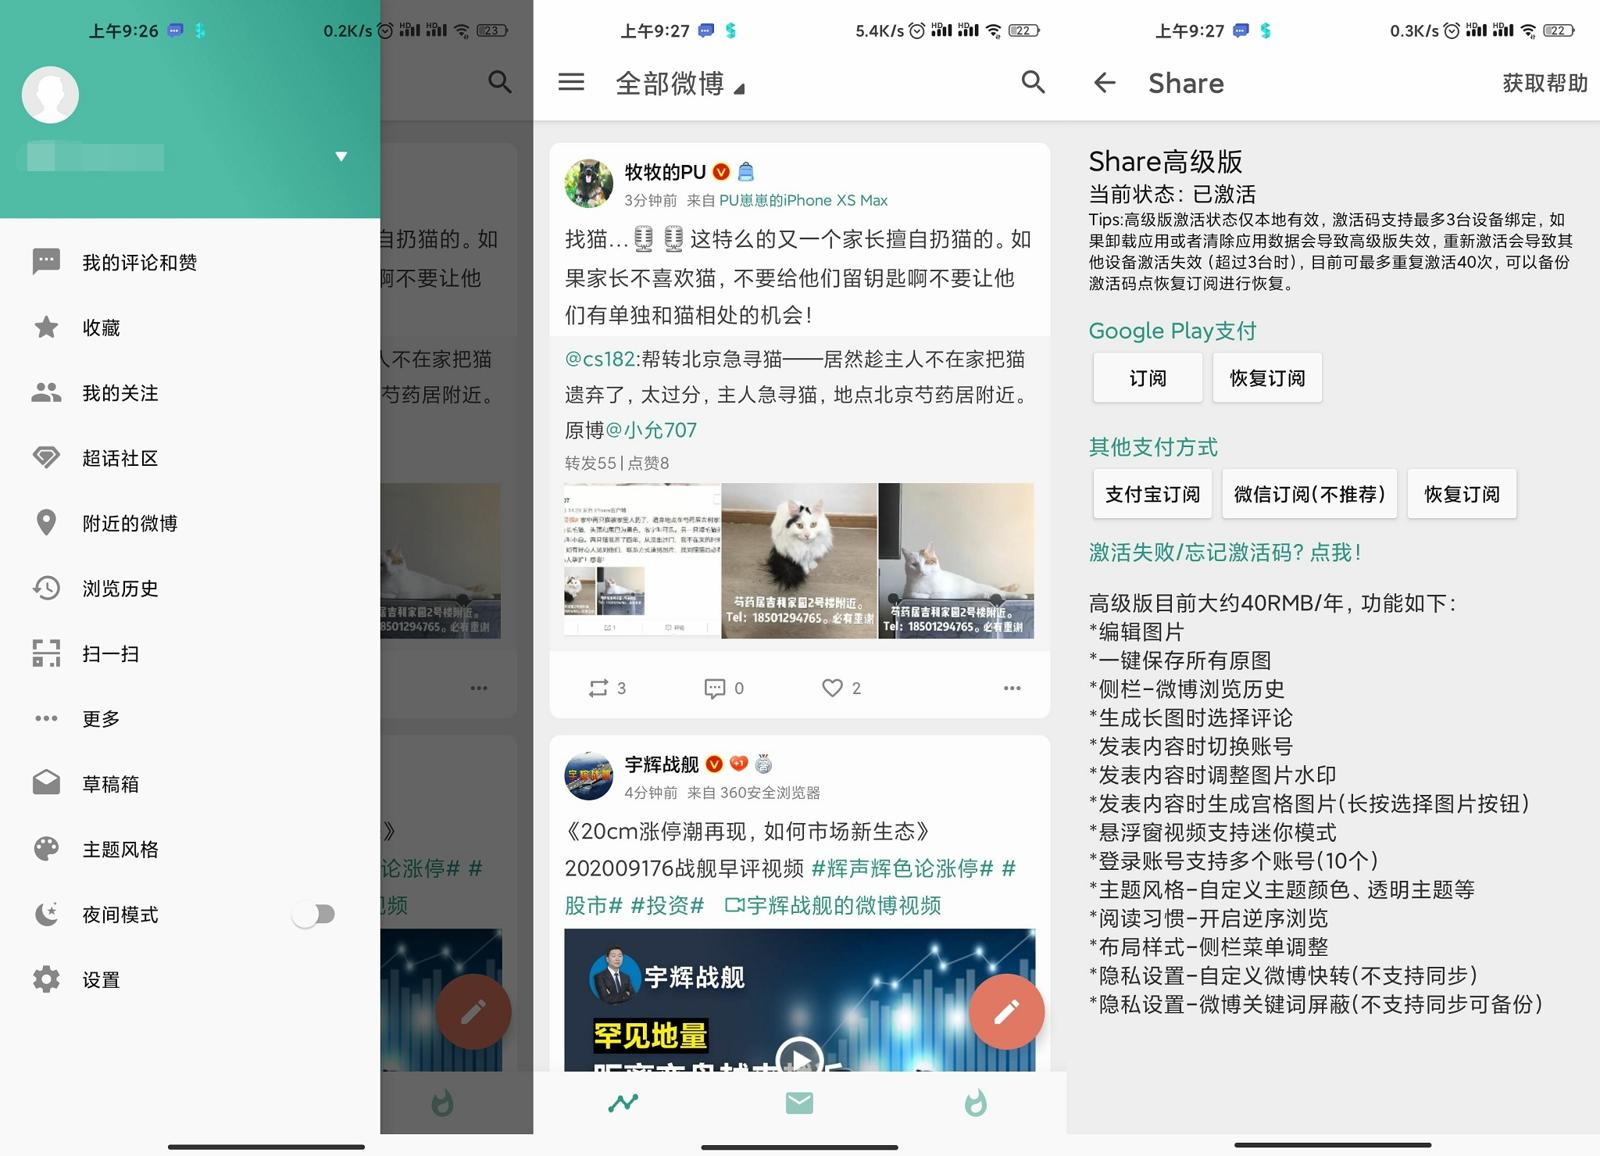 第三方微博 Share v3.7.5